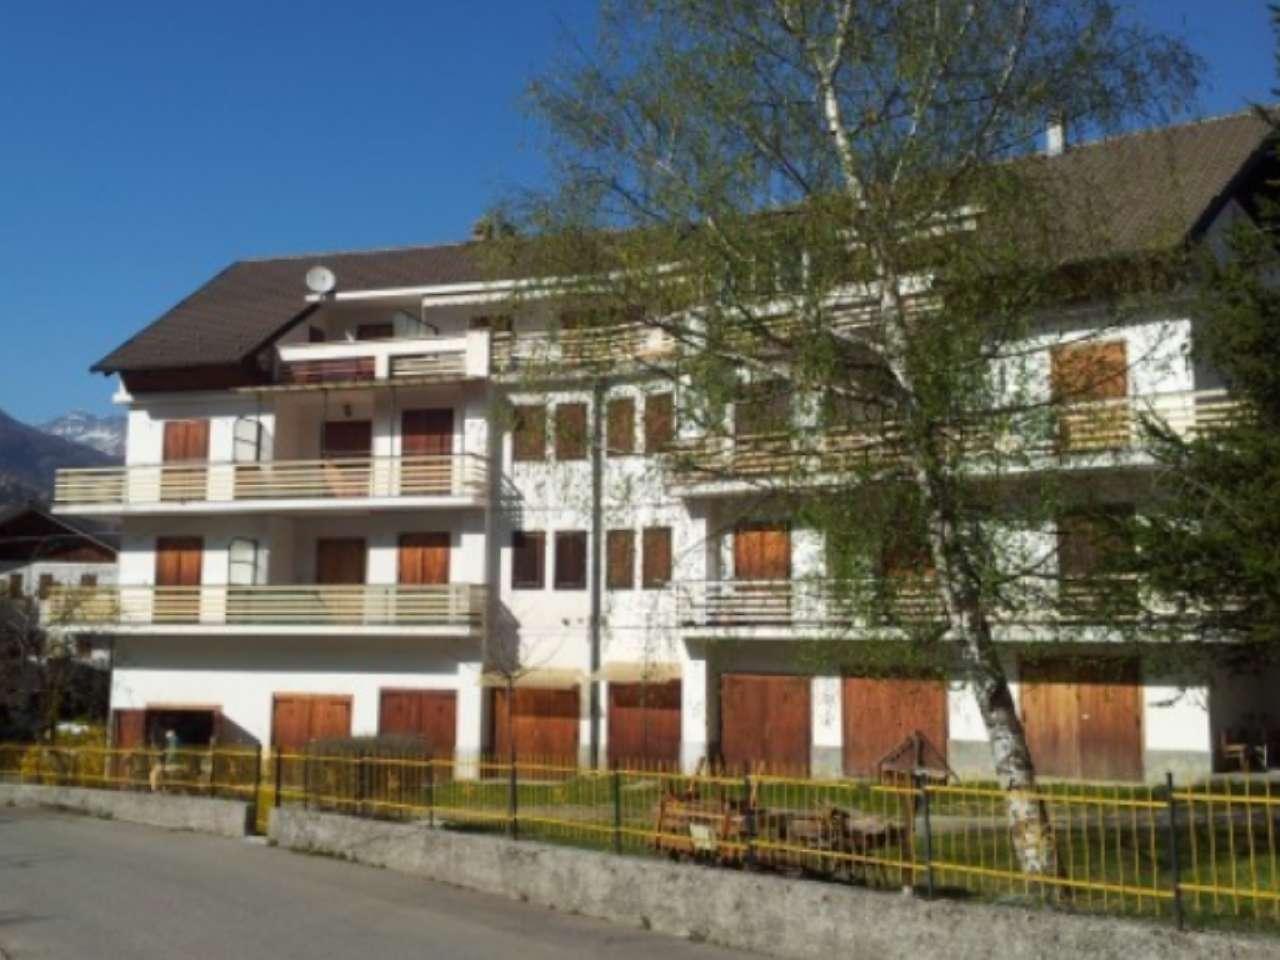 Appartamento in vendita a Gravere, 2 locali, prezzo € 24.000 | CambioCasa.it